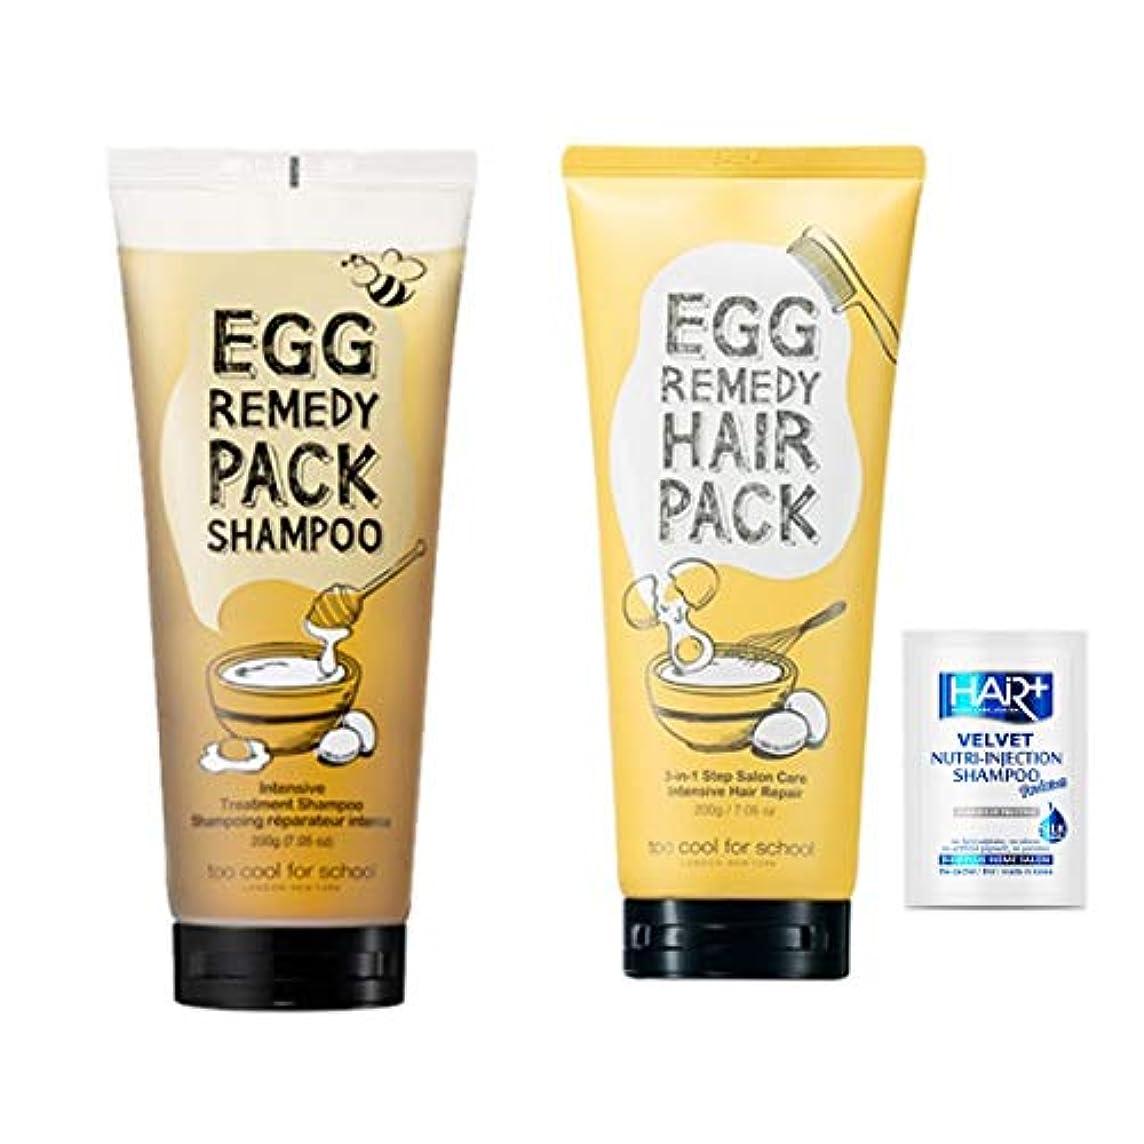 盟主火星証明するトゥークールフォ―スクール(too cool for school)/エッグレミディパックシャンプーtoo cool for school Egg Remedy Pack Shampoo 200ml + エッグレミディヘアパック/too cool for school Egg Remedy Hair Pack 200ML [並行輸入品]+non silicon shampoo 8ml